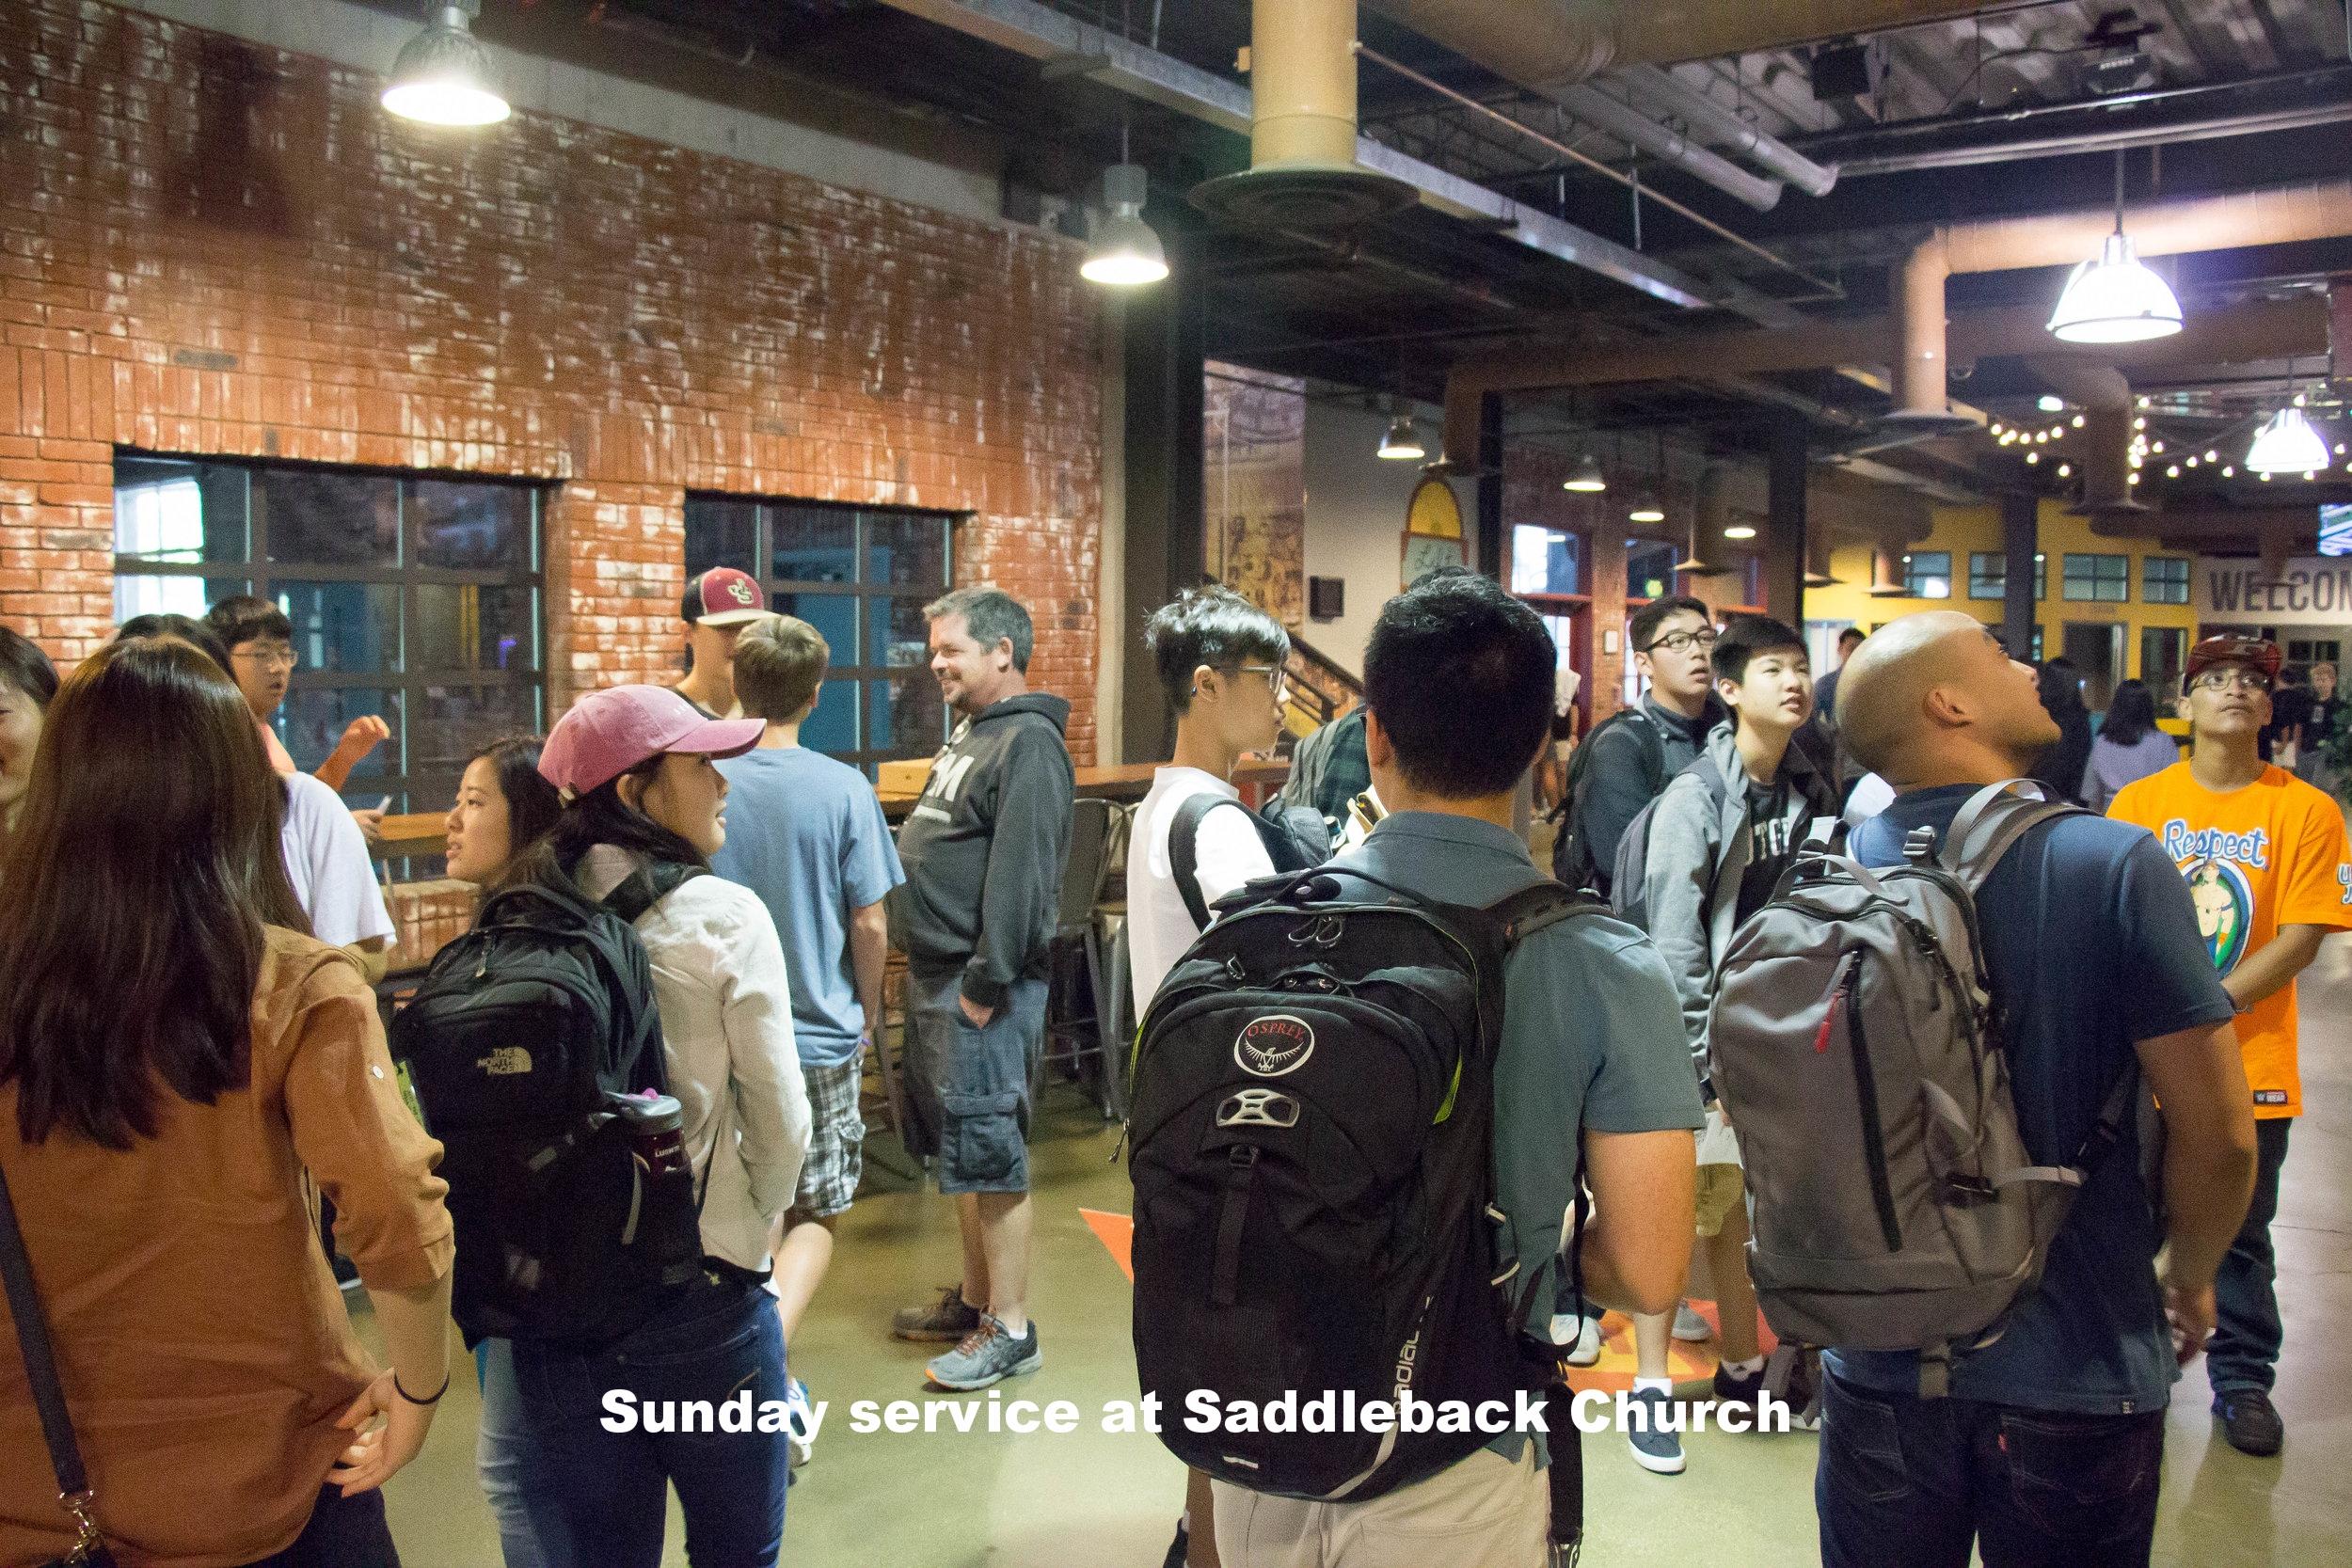 Sunday service at Saddleback